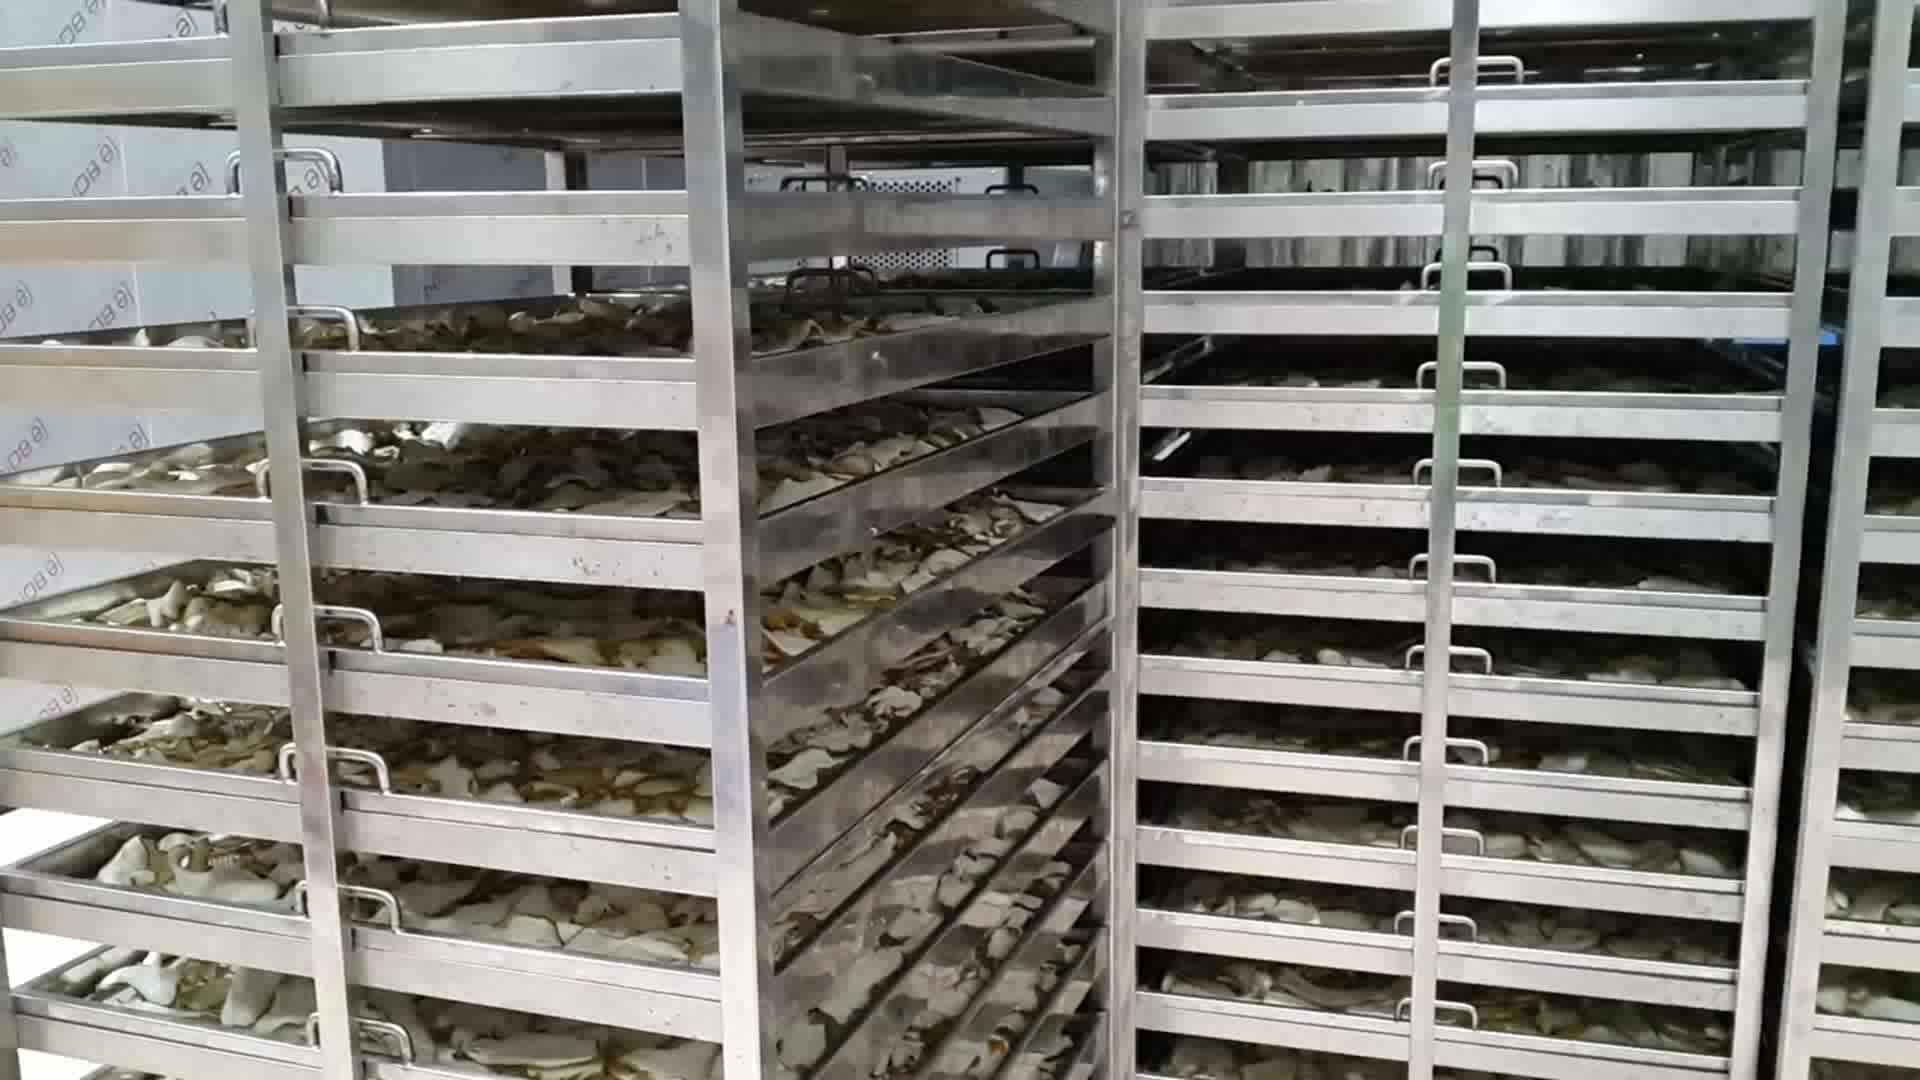 Lúa mì cau muối hạt hạt tiêu đen chalk chuối chip trầu nut apricot máy sấy công nghiệp dehydrator máy